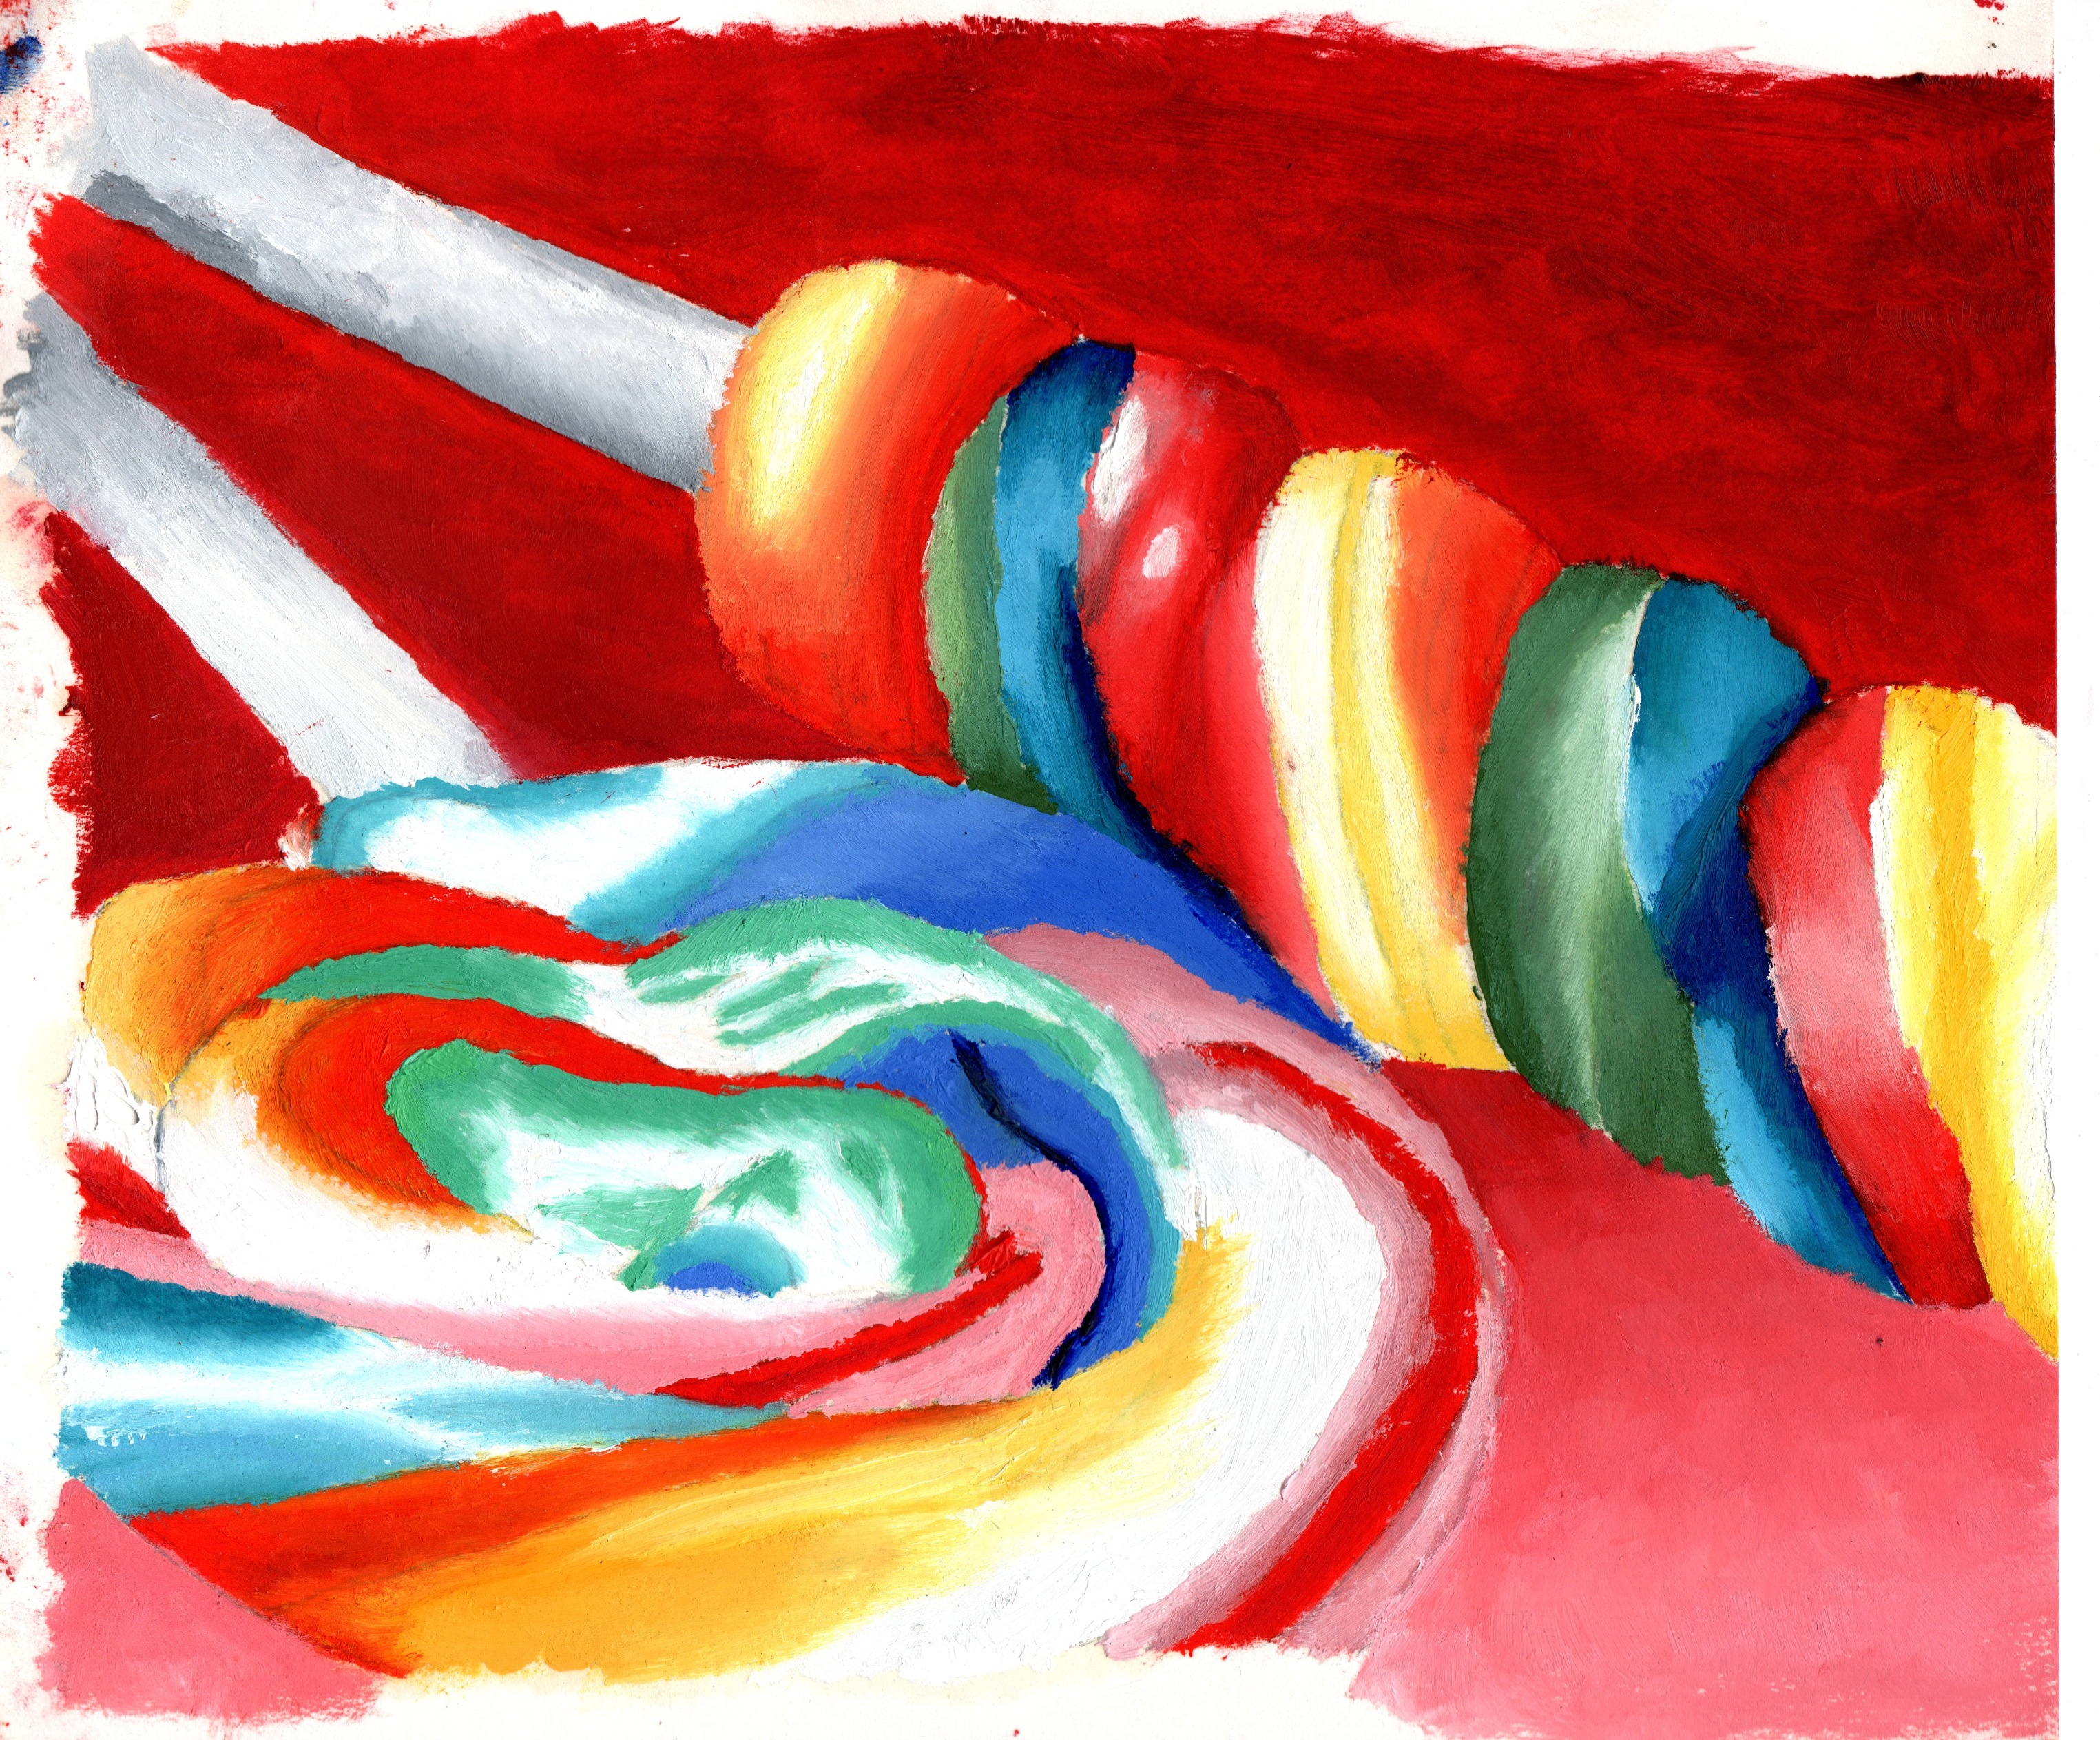 Elezai Elezai Candy Study.jpeg